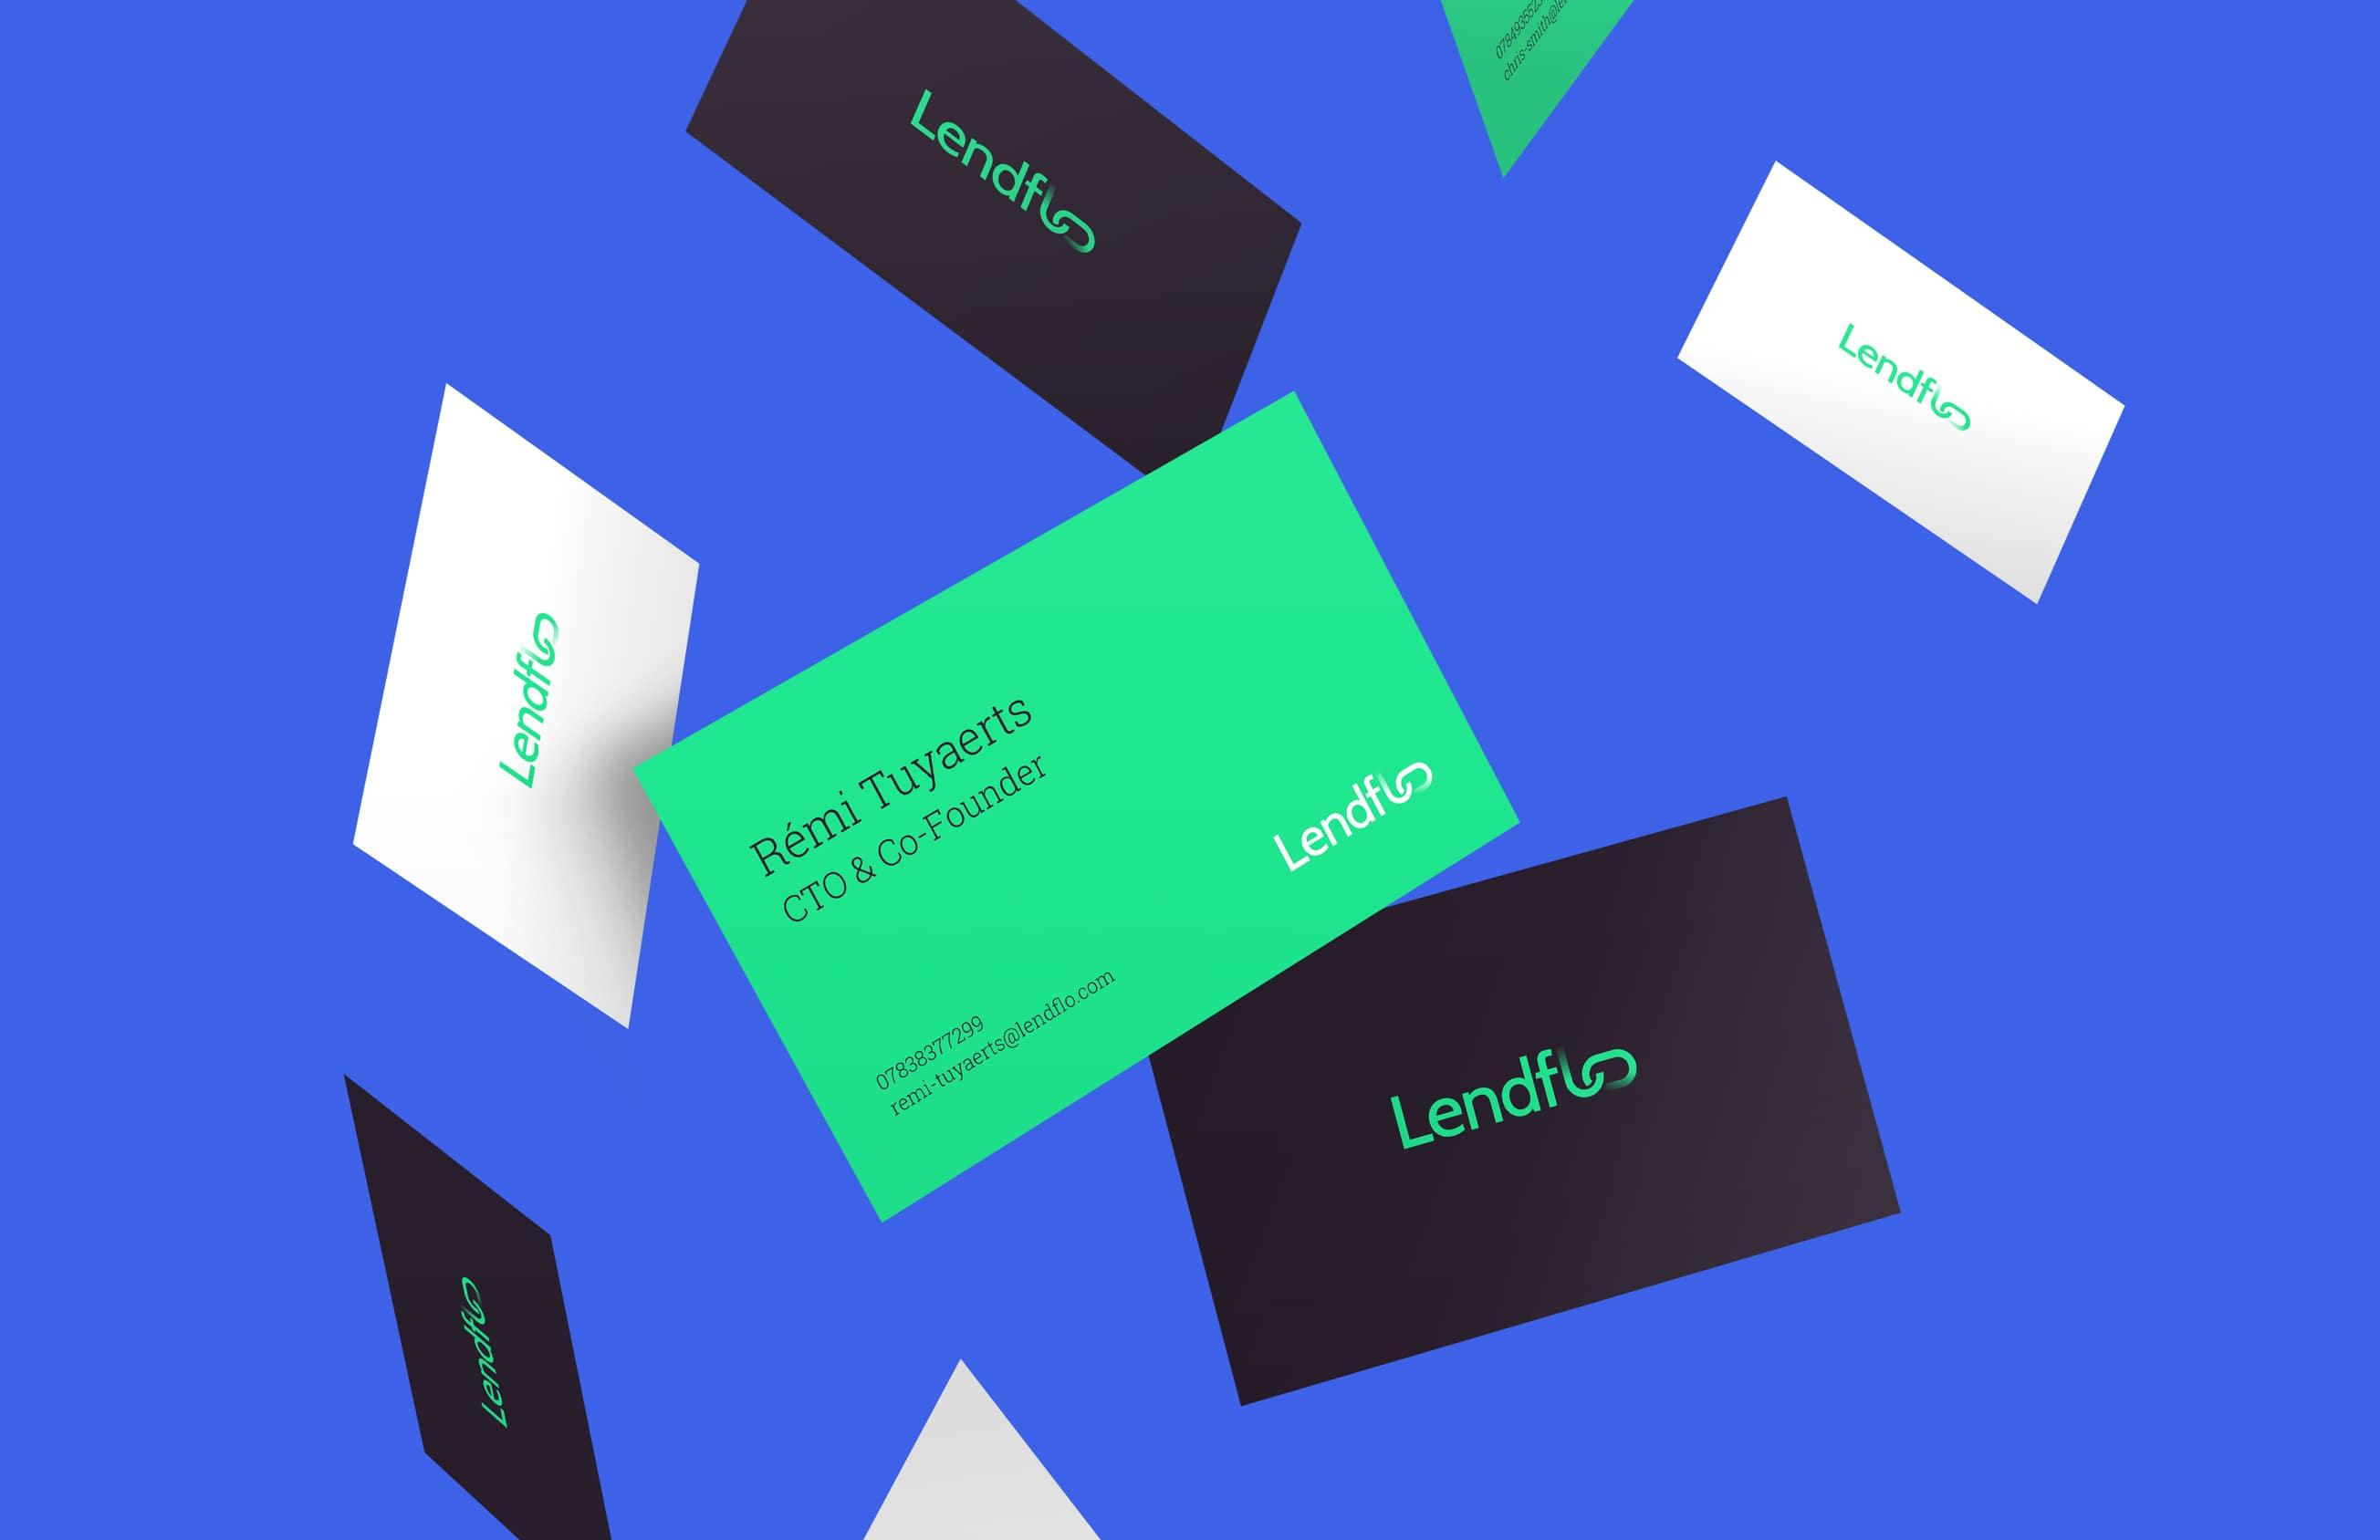 Lendflo-01-4